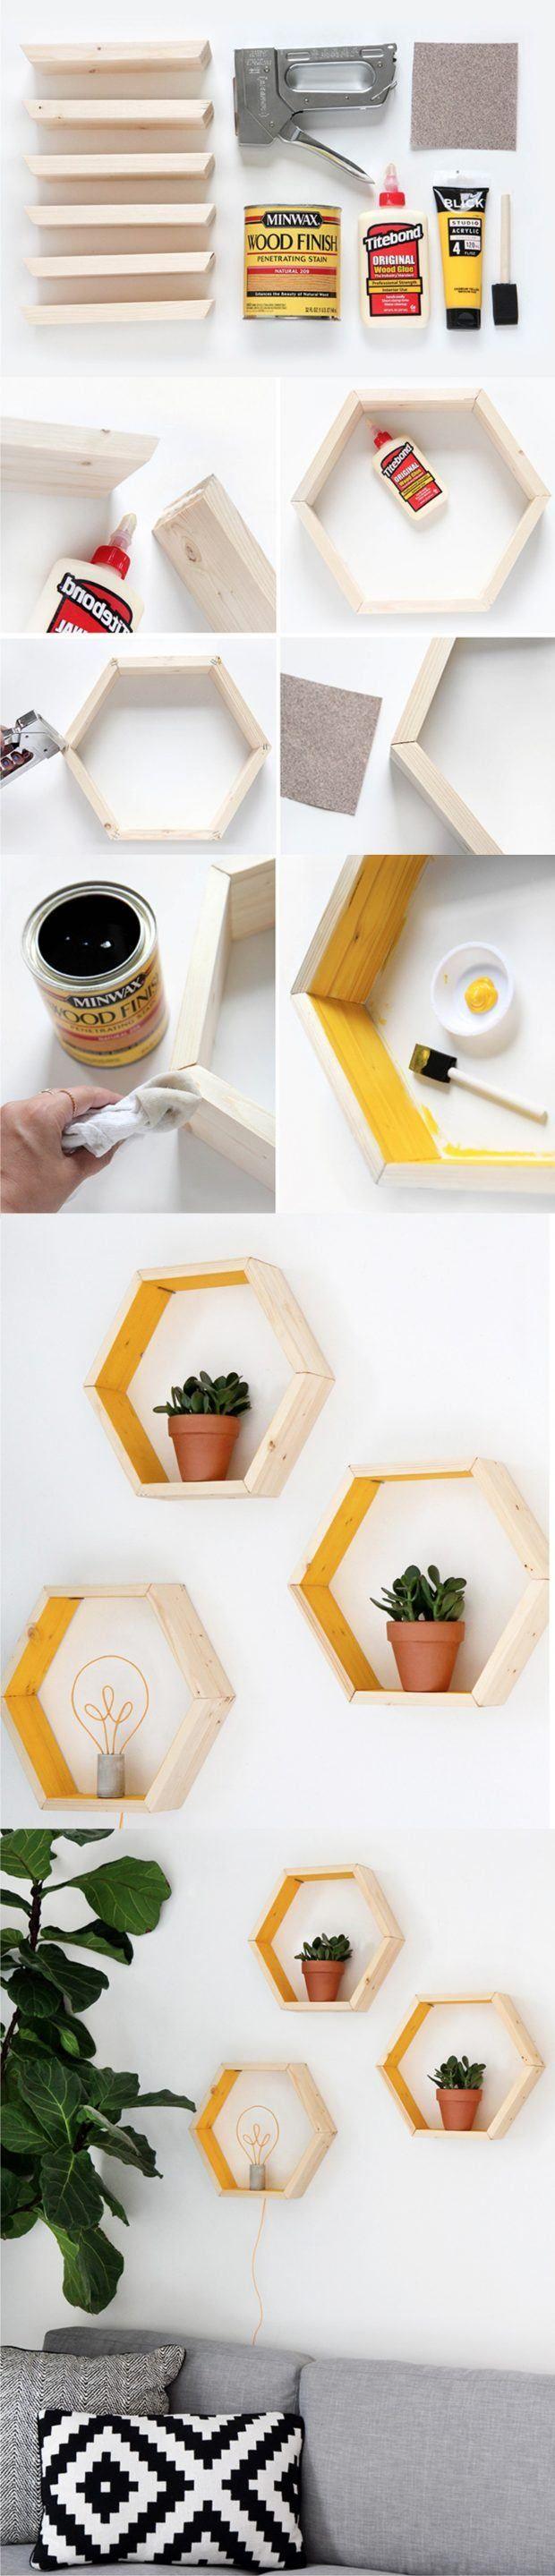 estanteria-hexagono-diy-muy-ingenioso-2